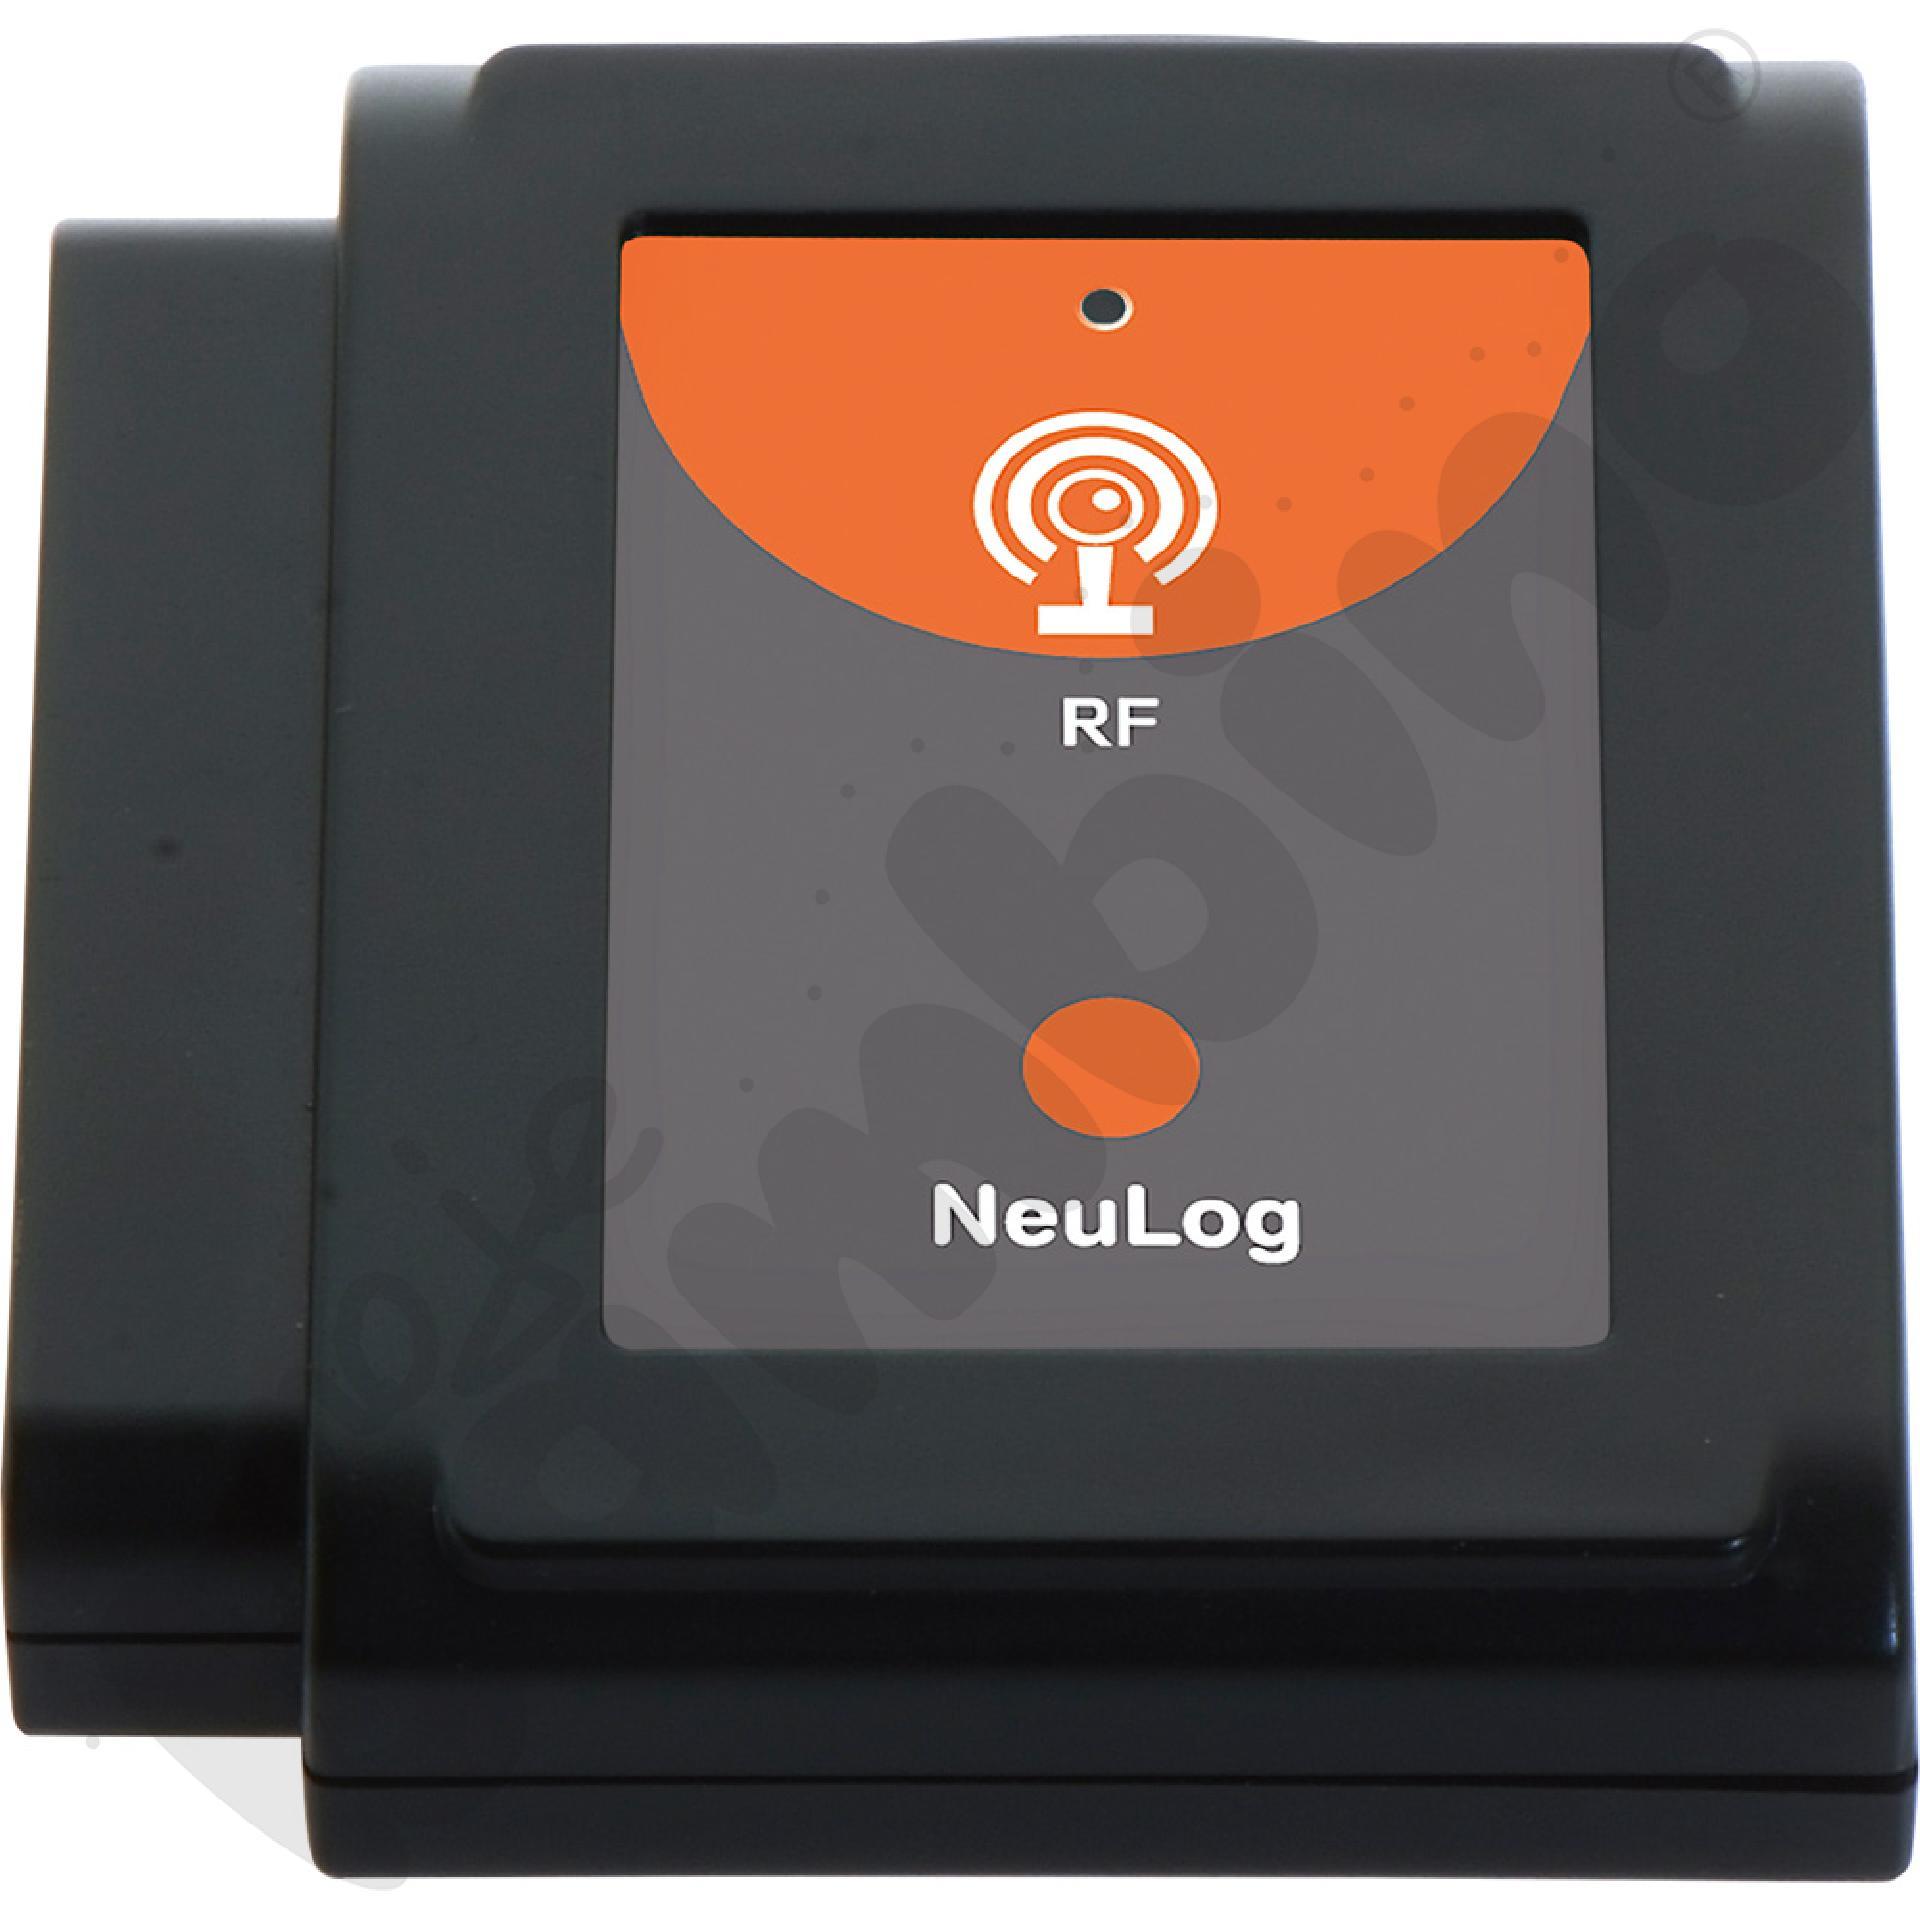 Radiowy moduł komunikacyjny RF